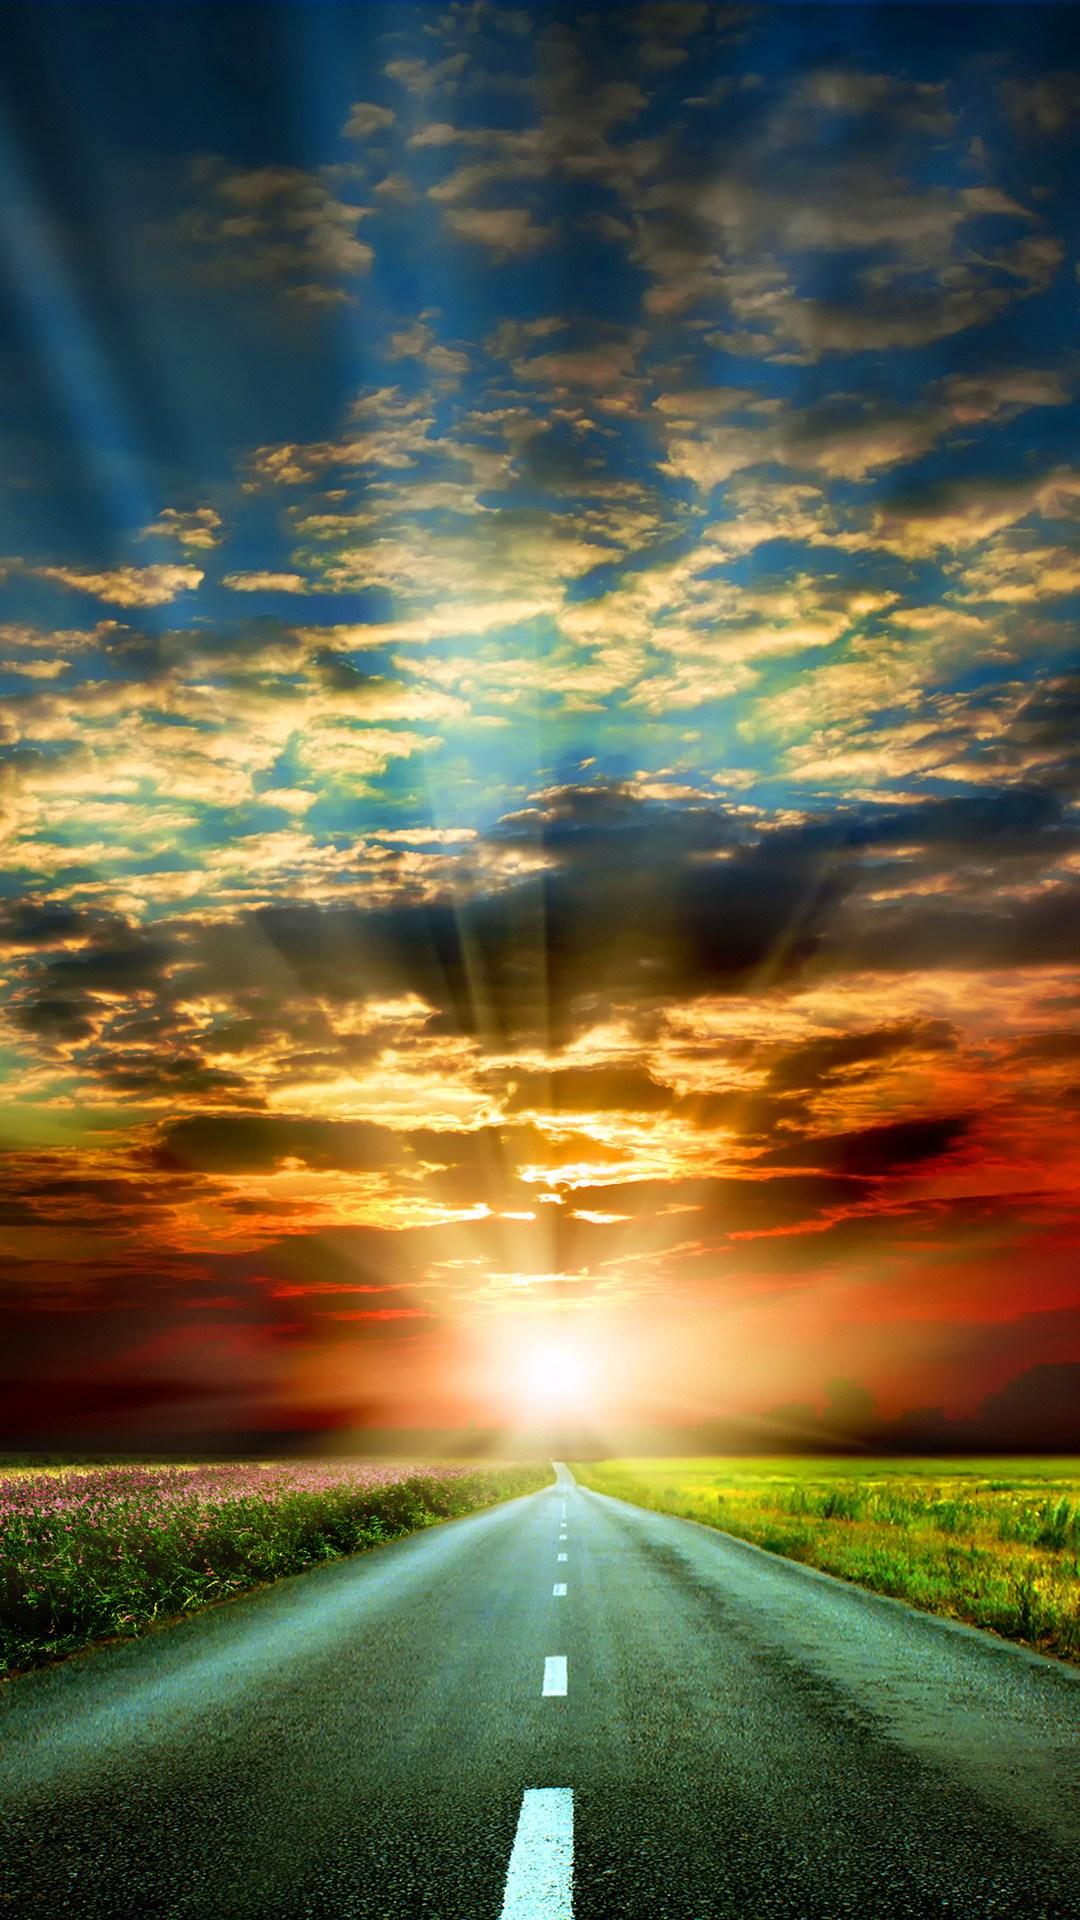 Beautiful Sunsets Wallpaper Image Source